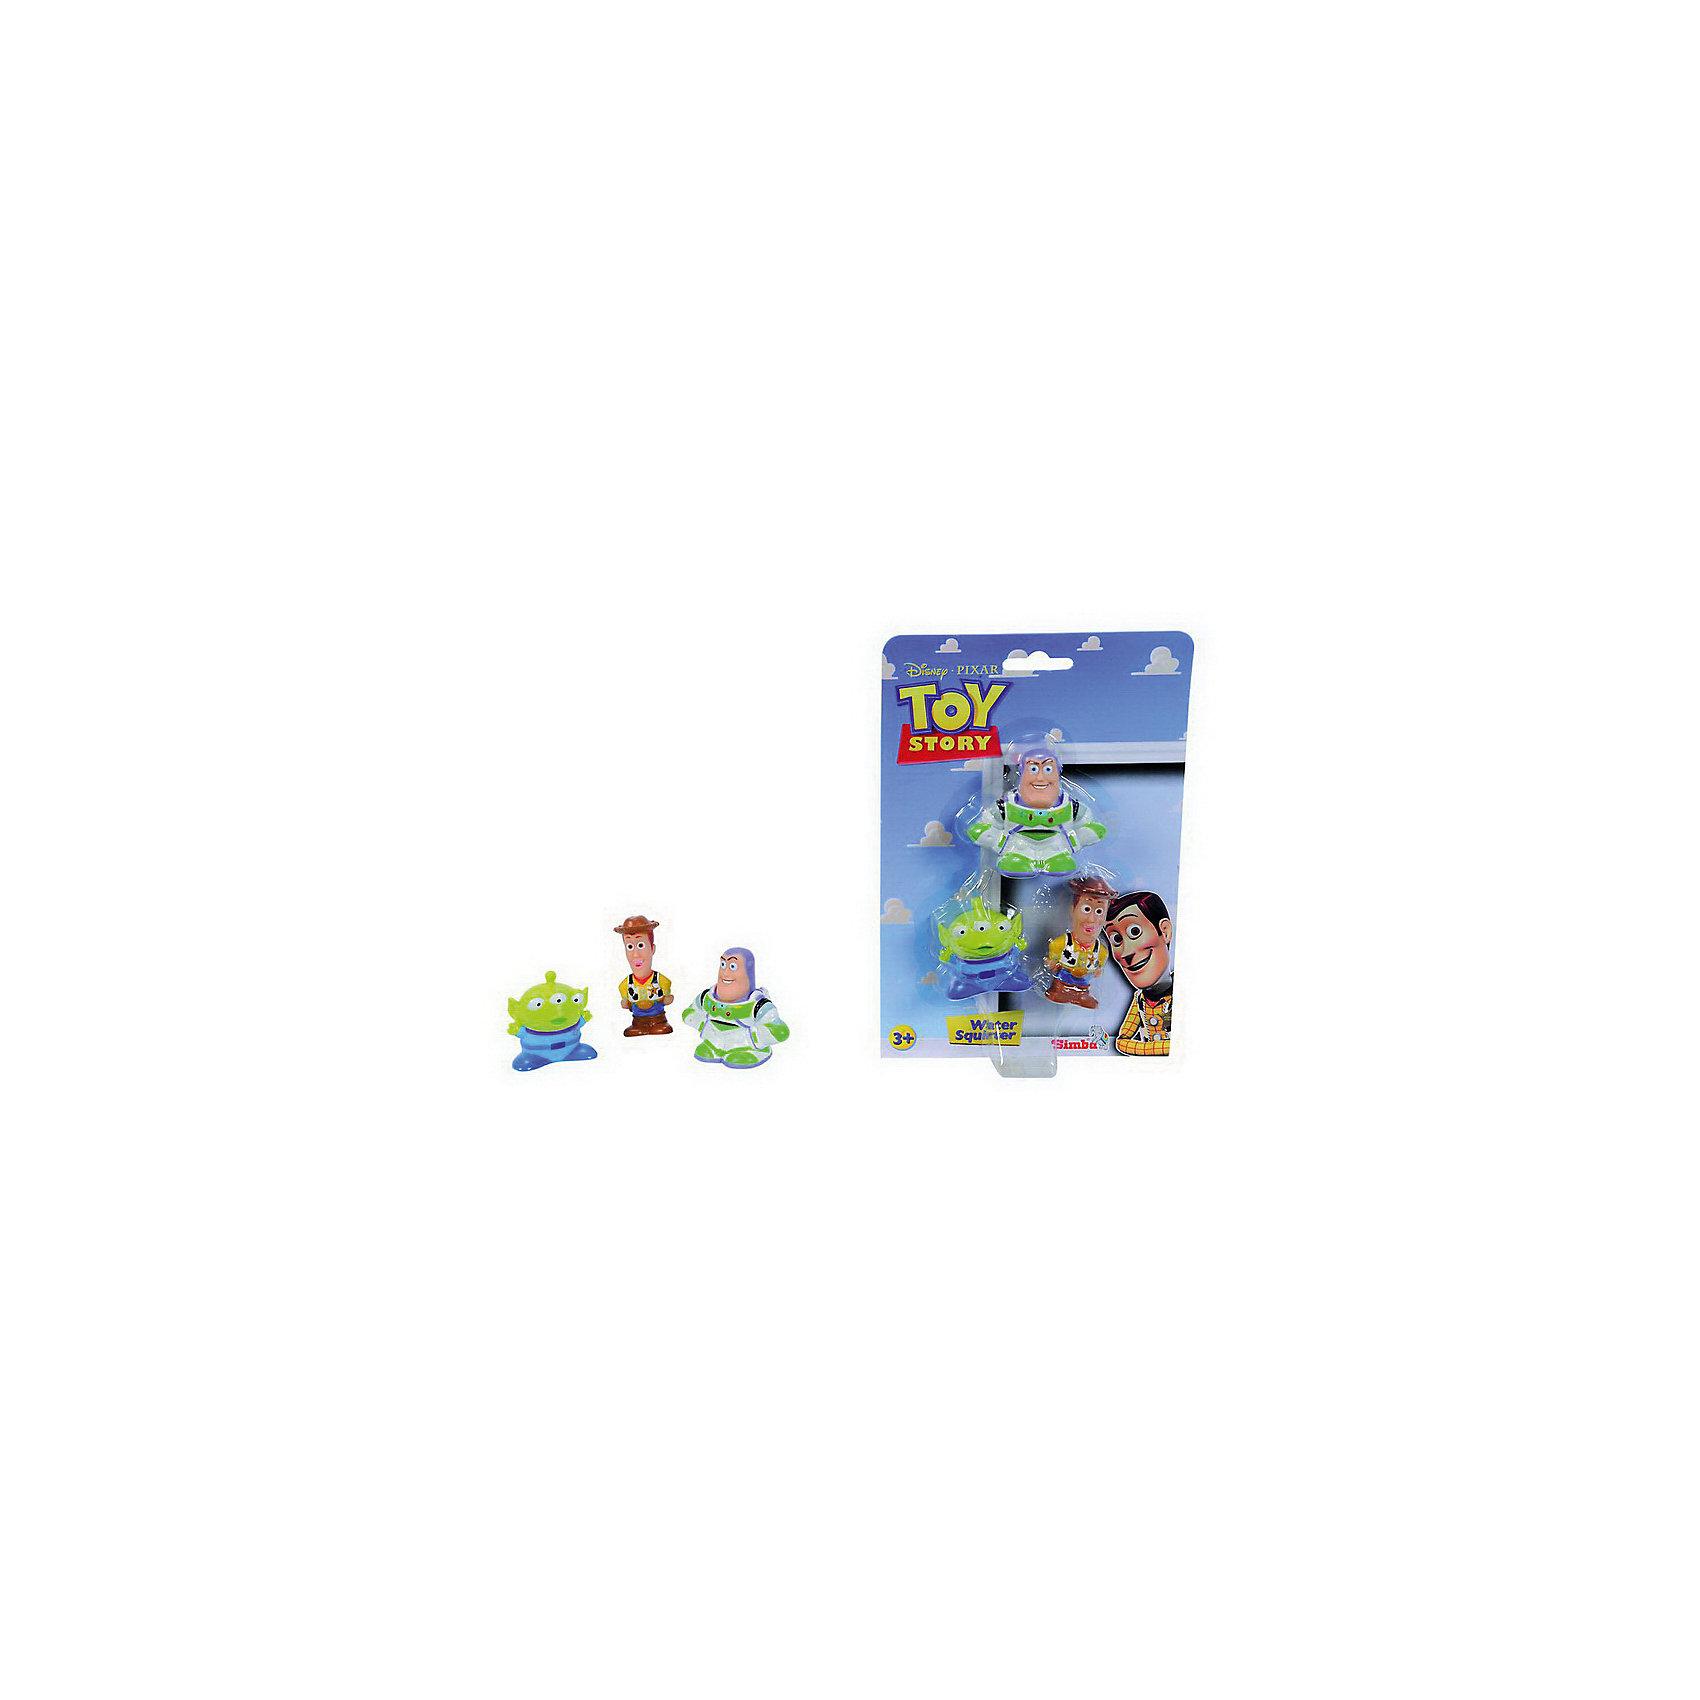 Фигурки Той Стори, 3 шт, 7 см, SimbaЛюбимые герои<br>Характеристики:<br><br>• размер фигурок: 7 см;<br>• количество в наборе: 3 шт.;<br>• особенности игрушек для купания: брызгалки;<br>• материал: резина;<br>• размер упаковки: 25х17х4 см.<br><br>Игрушки-брызгалки помогут разнообразить процесс купания. Игрушки изготовлены из высококачественной резины. У каждой фигурки есть отверстие, через которое поступают брызги воды. <br><br>Фигурки Той Стори, 3 шт, 7 см, Simba можно купить в нашем магазине.<br><br>Ширина мм: 170<br>Глубина мм: 40<br>Высота мм: 250<br>Вес г: 90<br>Возраст от месяцев: 36<br>Возраст до месяцев: 120<br>Пол: Унисекс<br>Возраст: Детский<br>SKU: 5295530